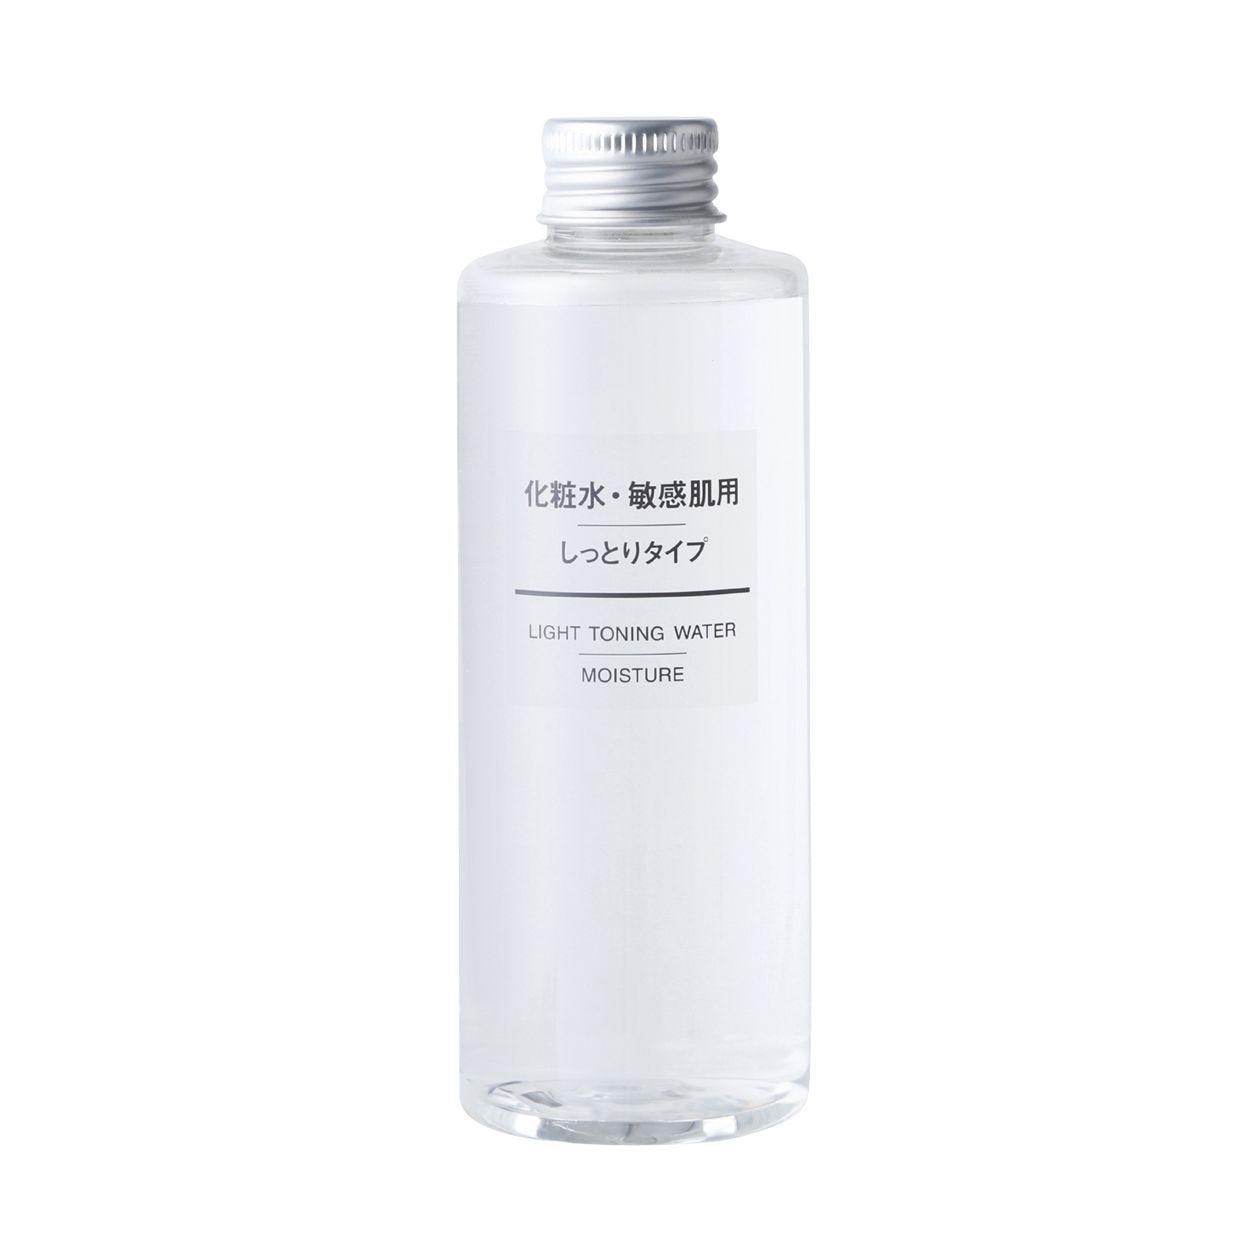 無印良品 化粧水・敏感肌用・しっとりタイプ